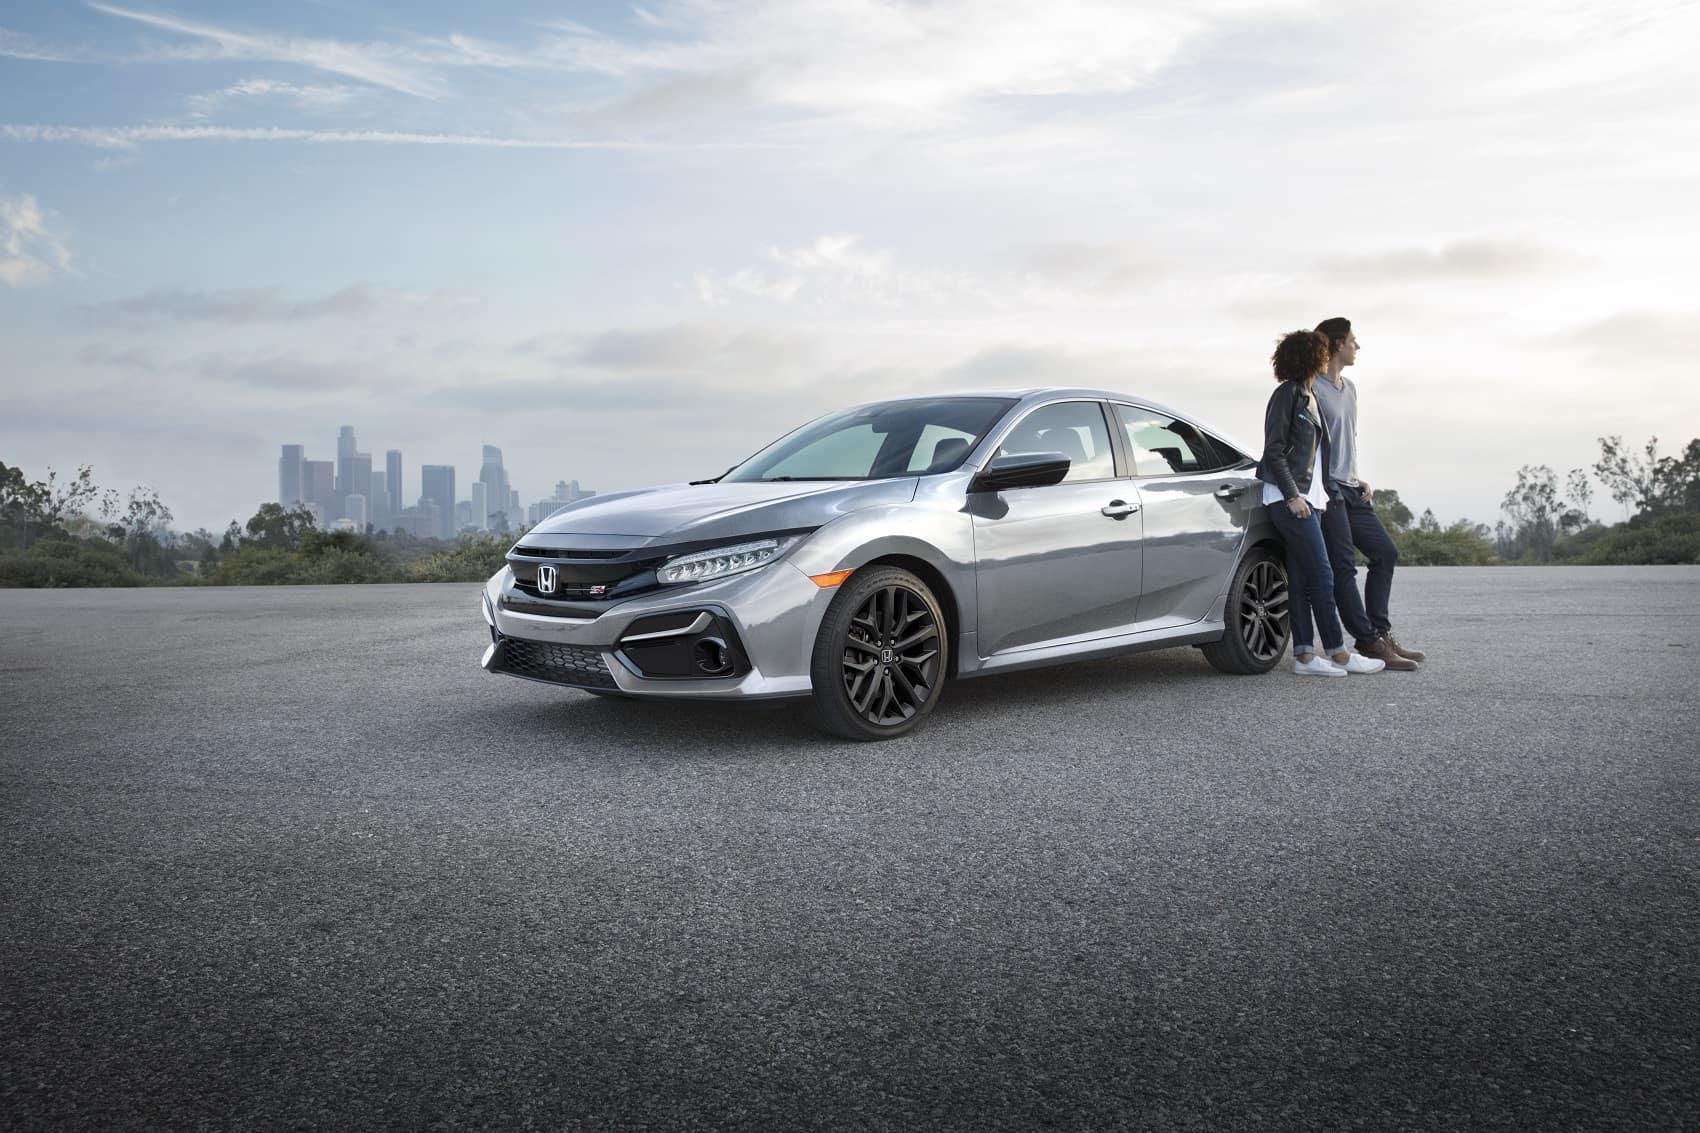 2020 Honda Civic Lease